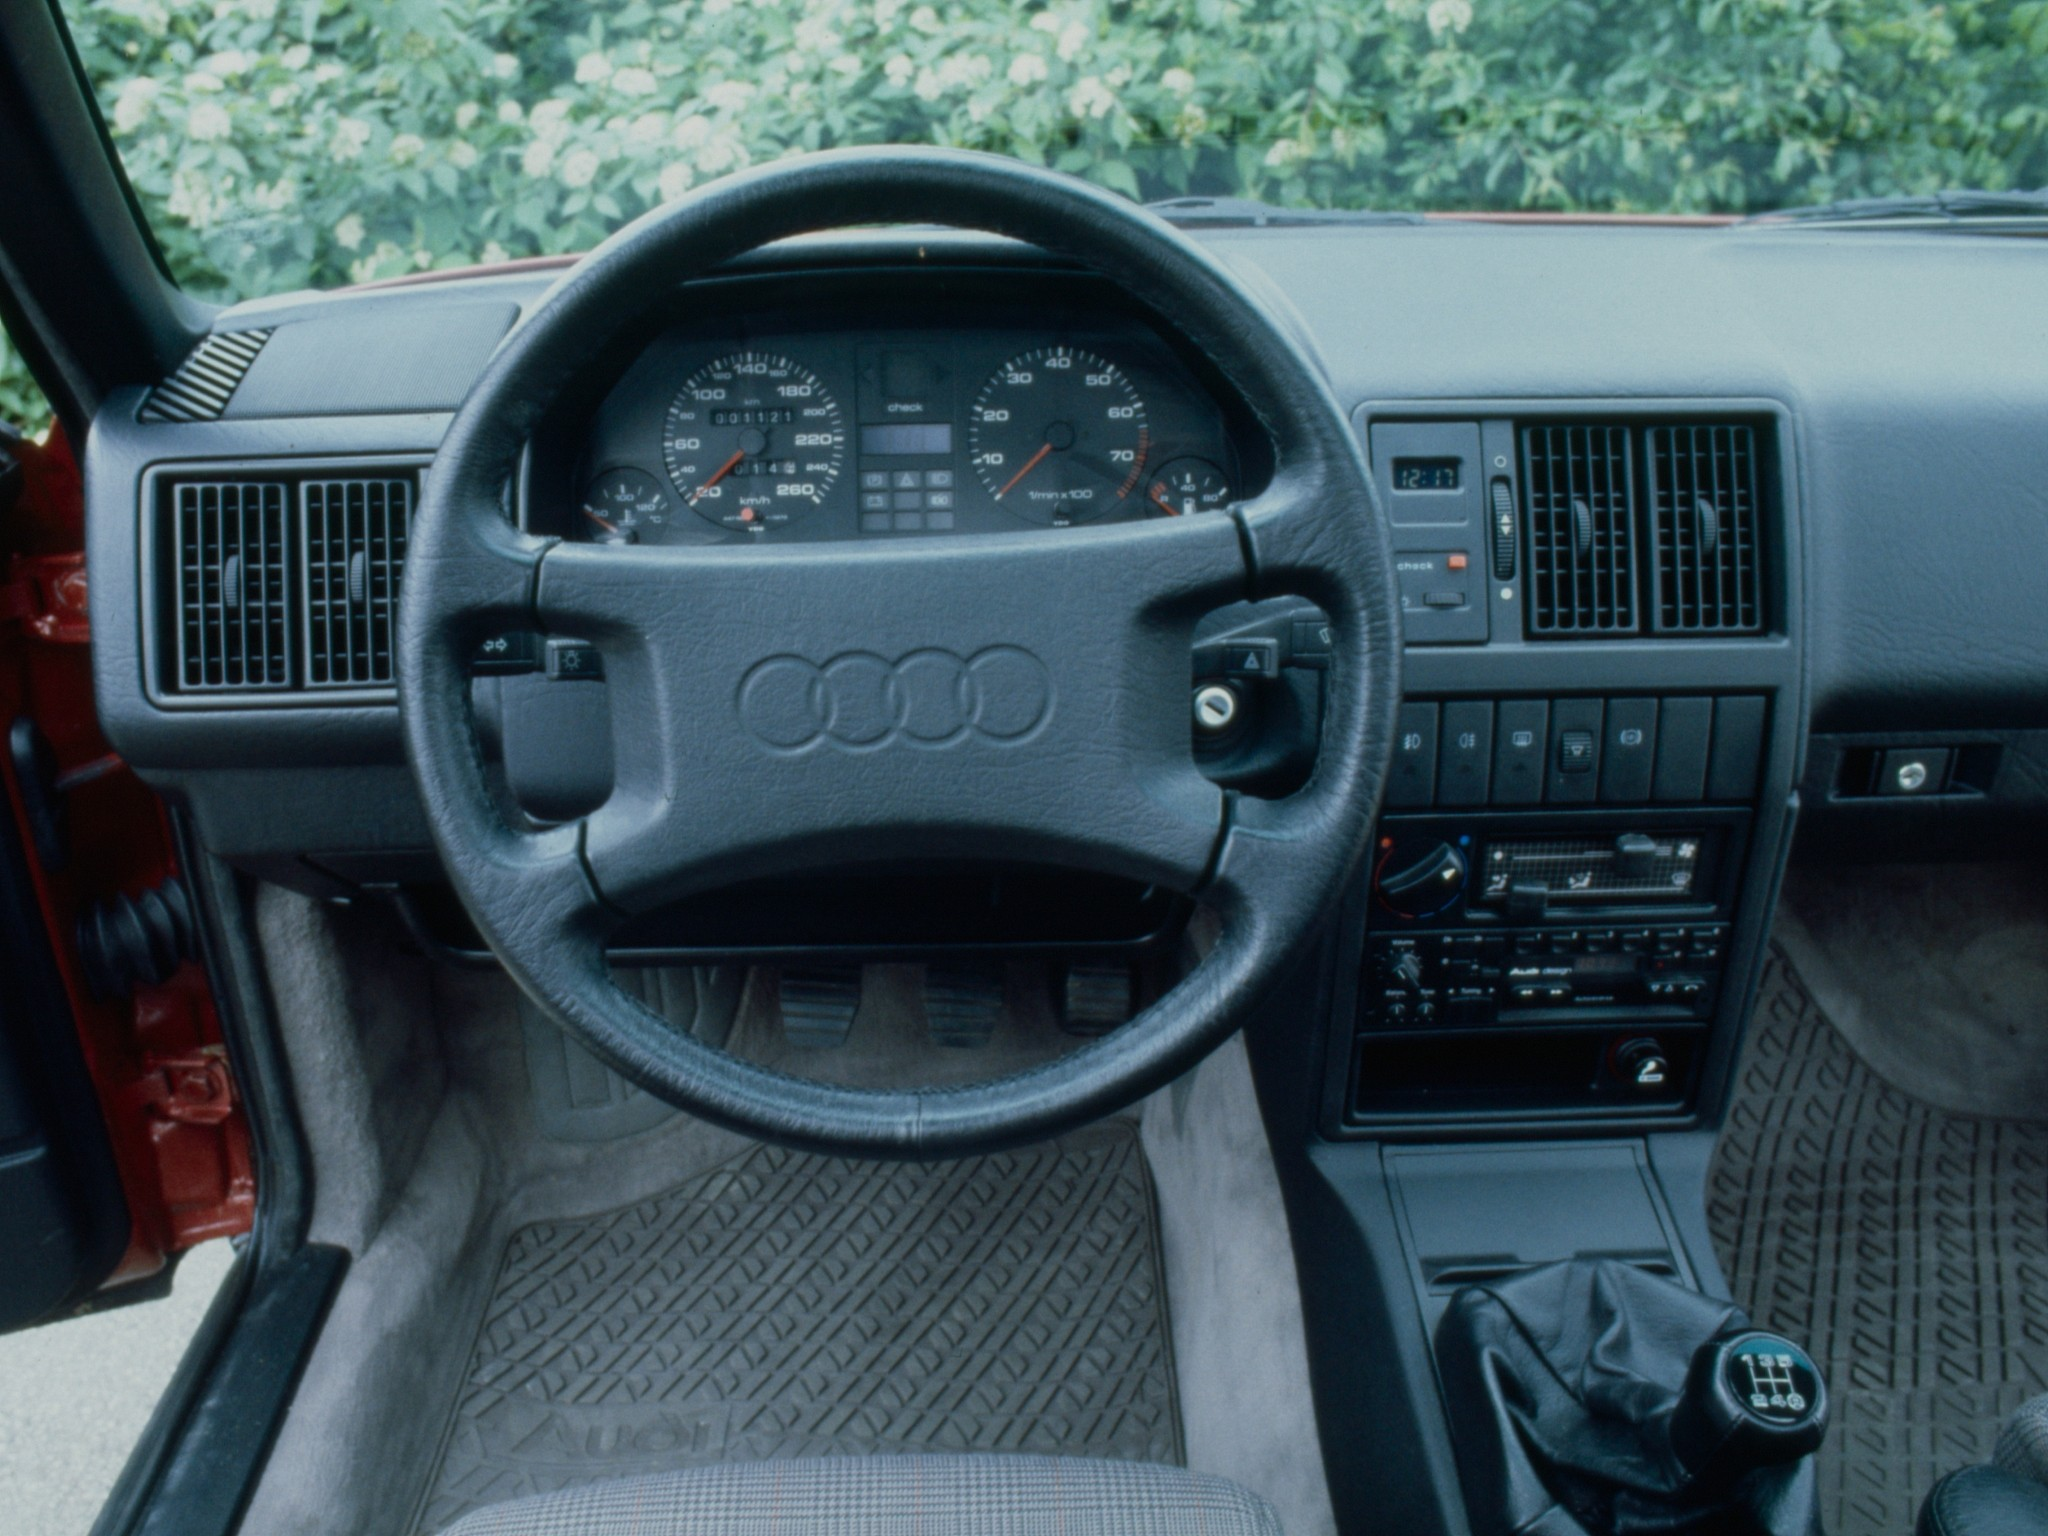 Audi Com Usa >> AUDI 200 - 1984, 1985, 1986, 1987, 1988, 1989, 1990, 1991 ...